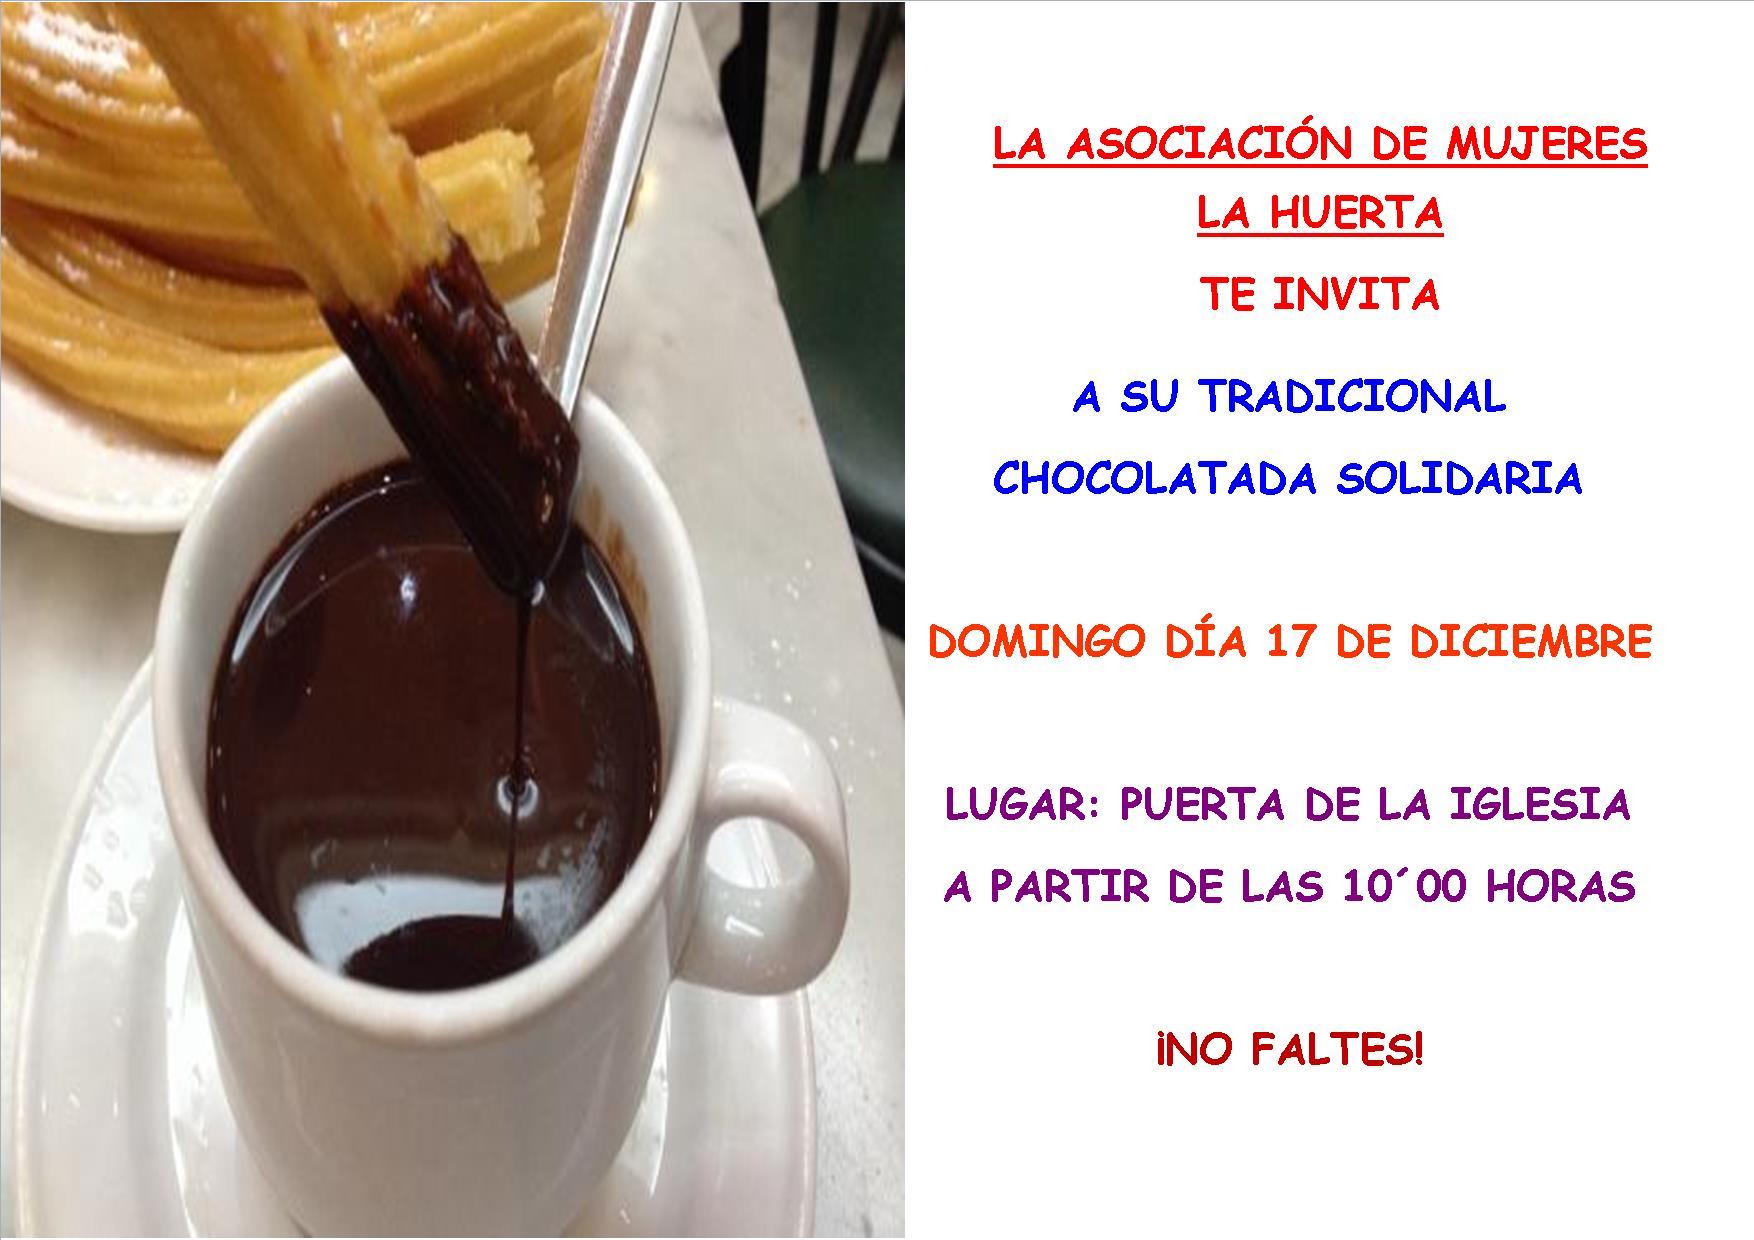 Chocolatada Solidaria organizada por la Asociación de Mujeres La Huerta